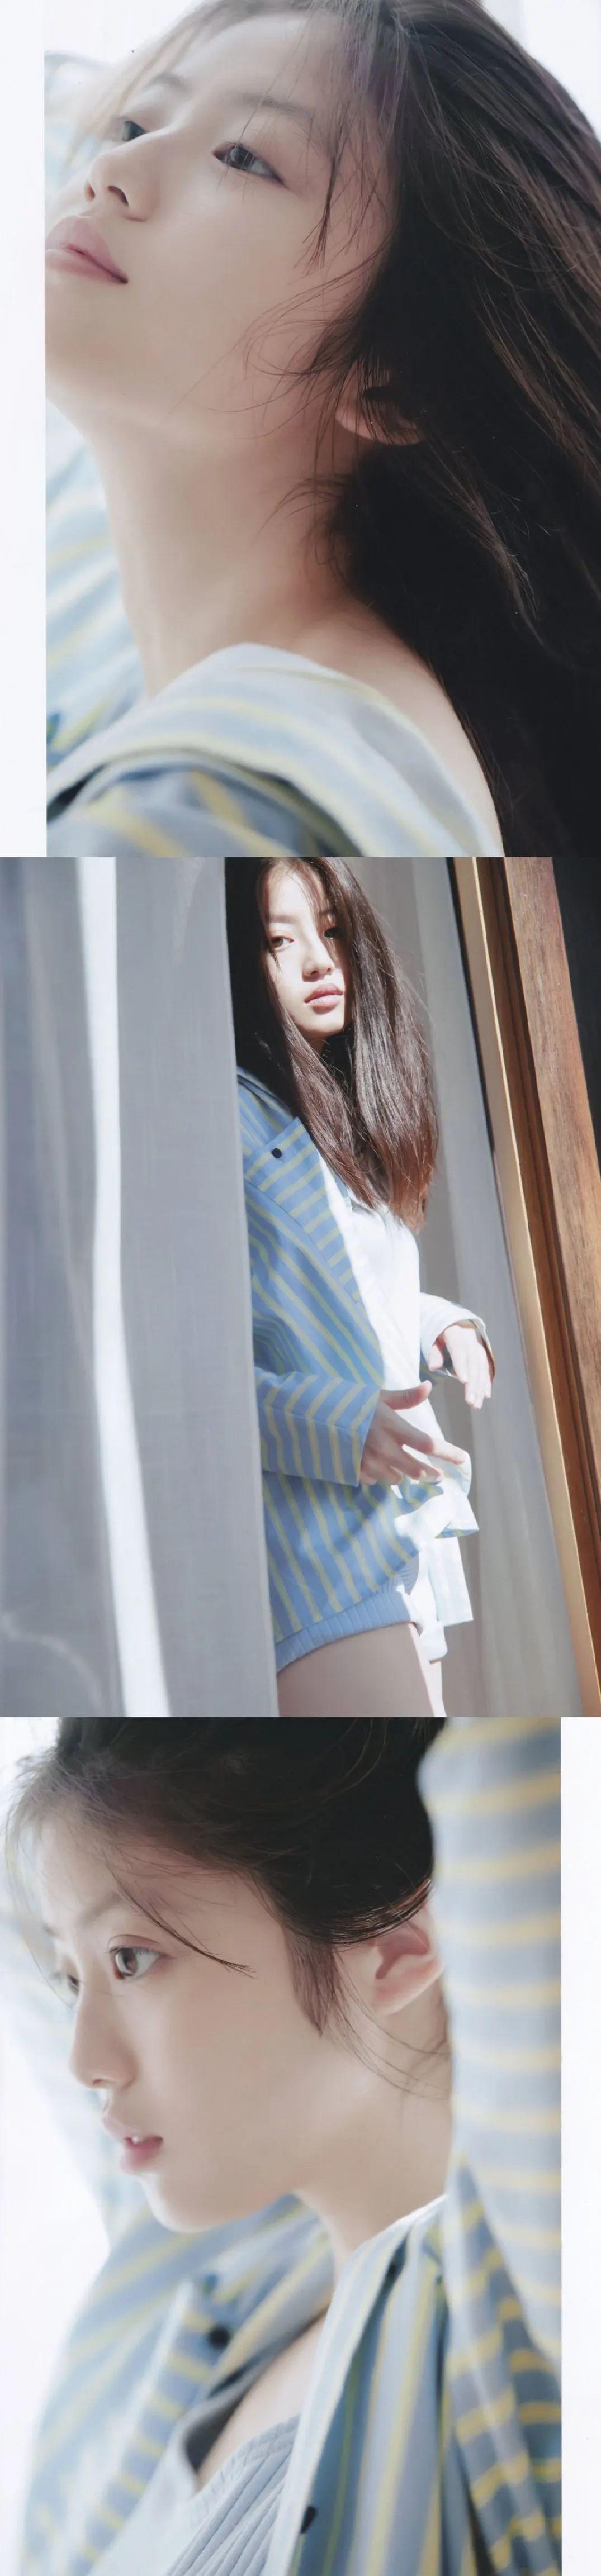 福冈第一美少女 今田美樱 写真_图片 No.5